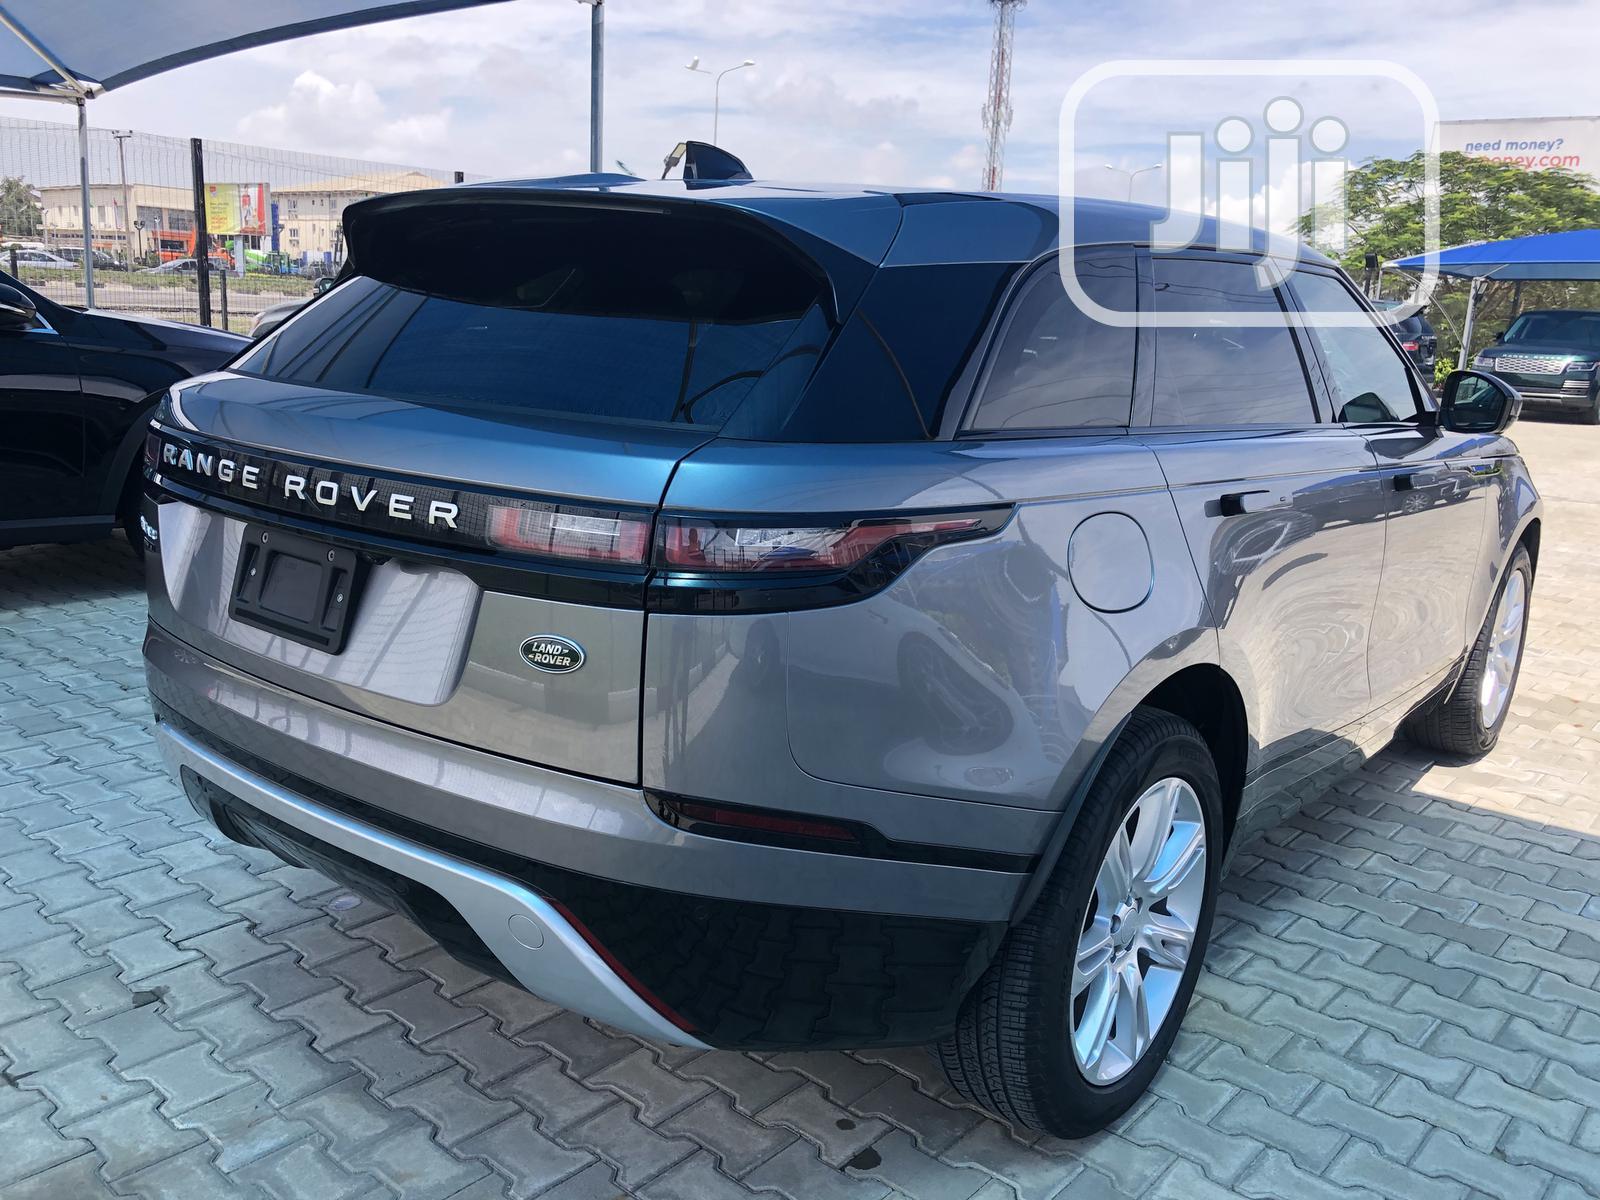 Land Rover Range Rover Velar 2020 P250 S 4x4 Gray